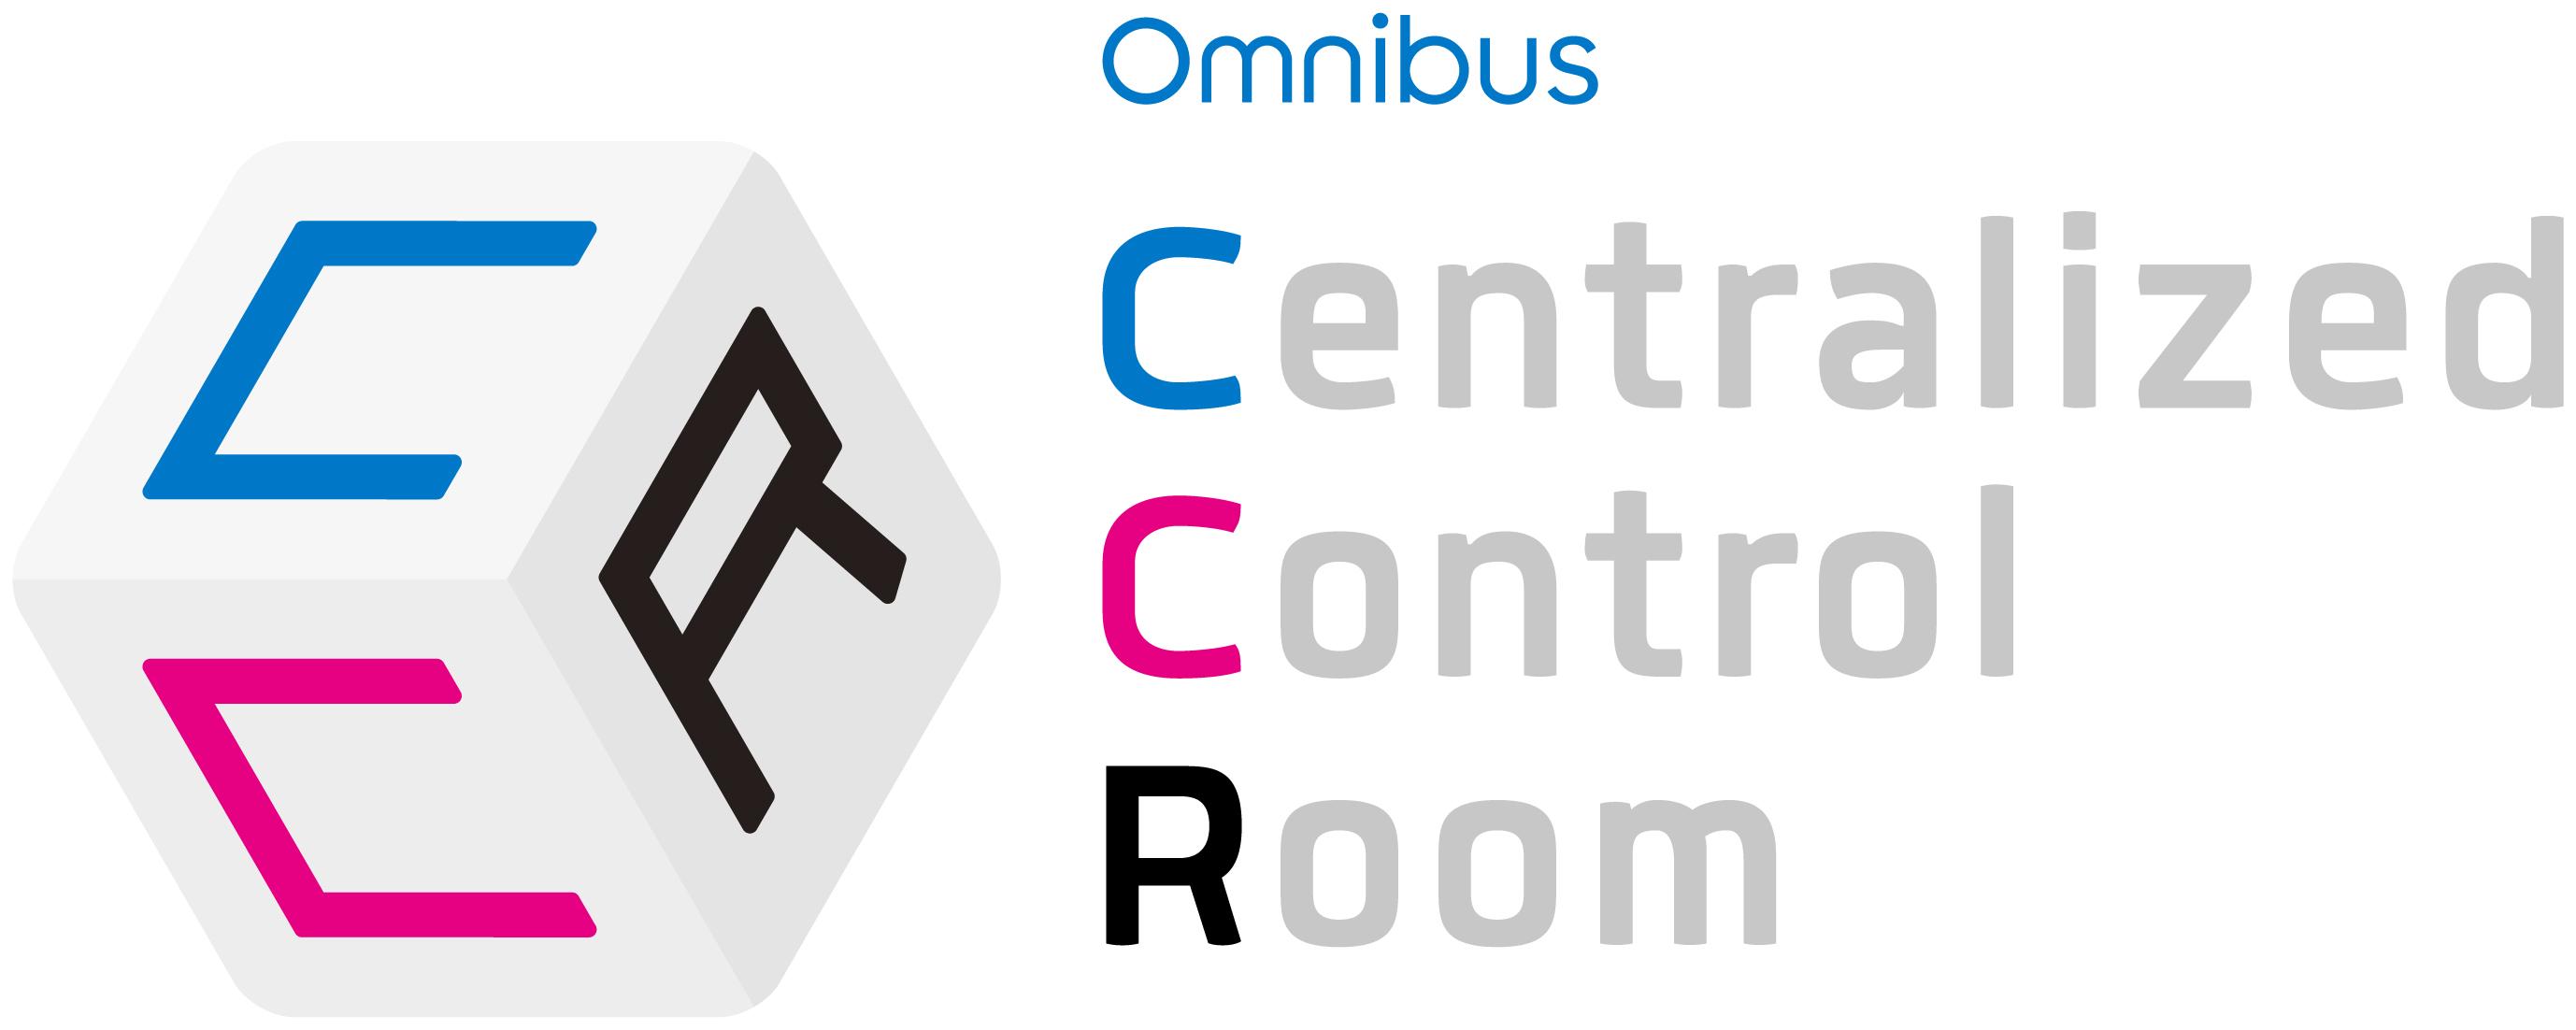 オムニバスのトレーディングデスク事業